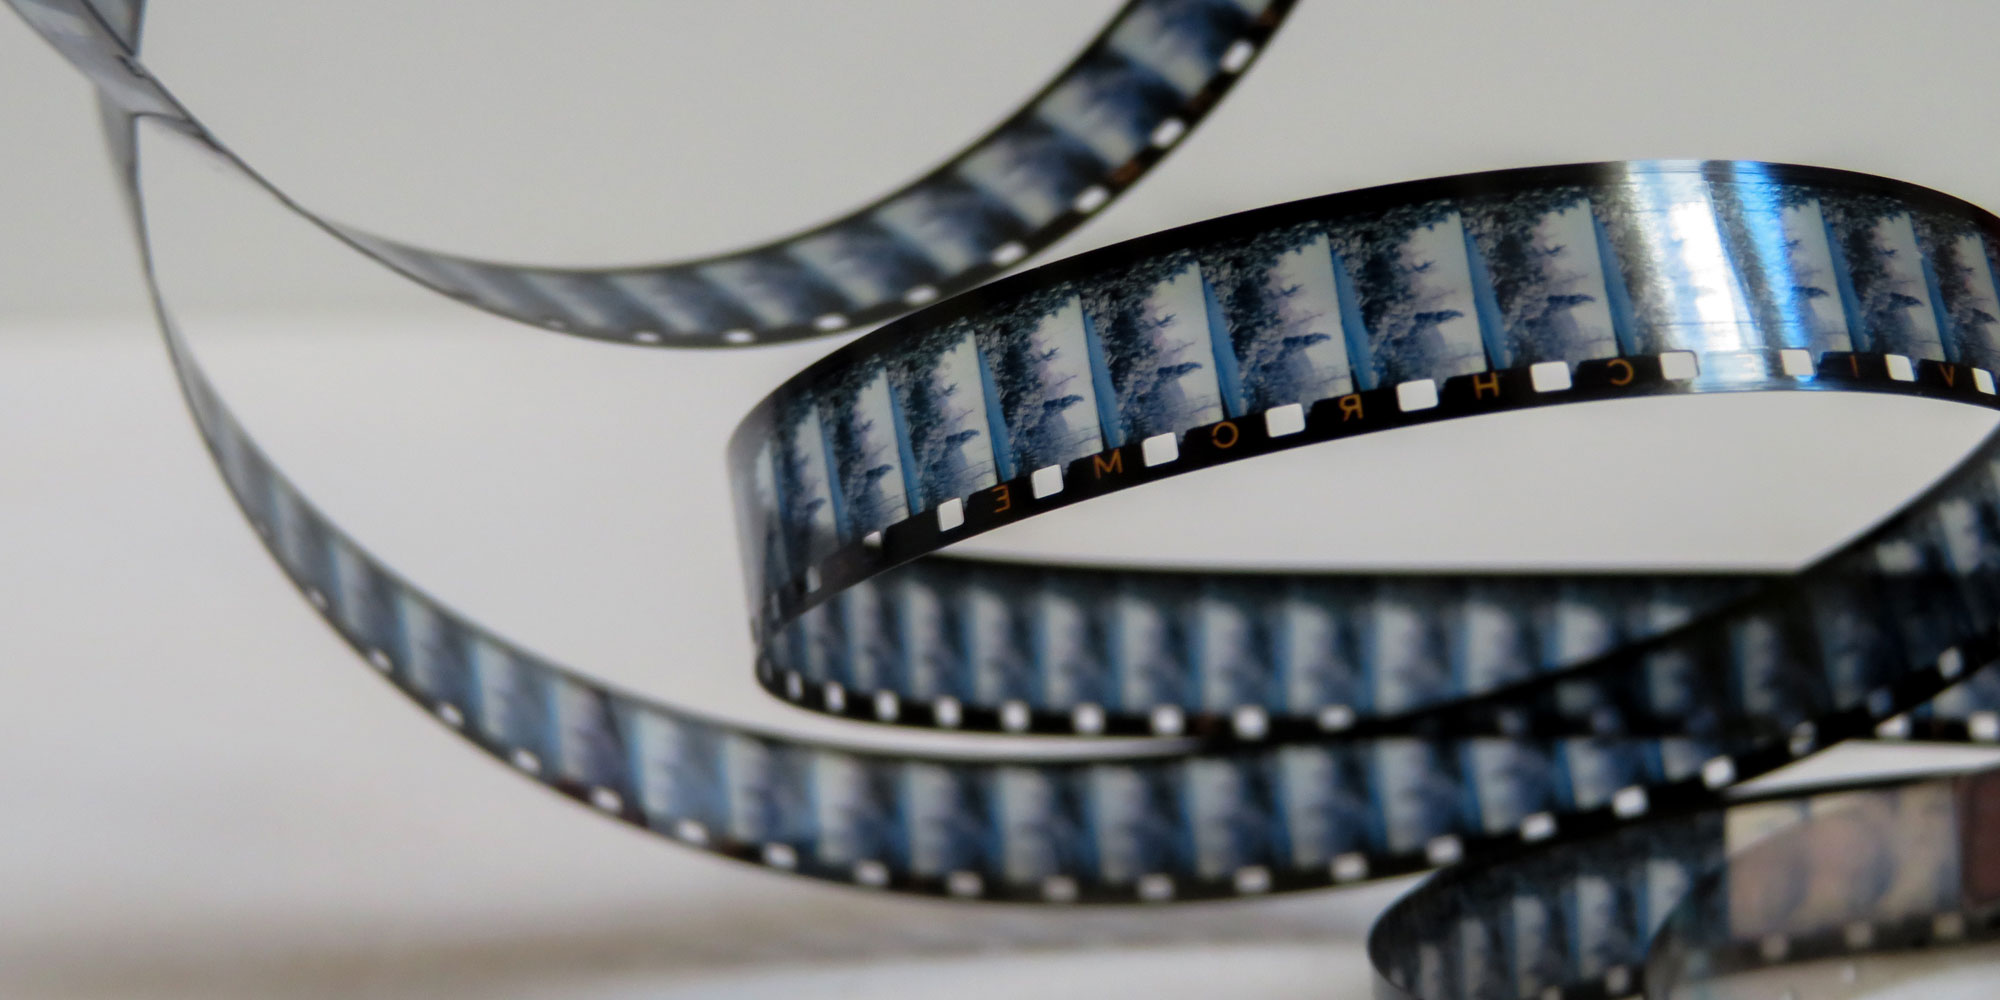 Film Reel - Credit Denise Jans - Unsplash